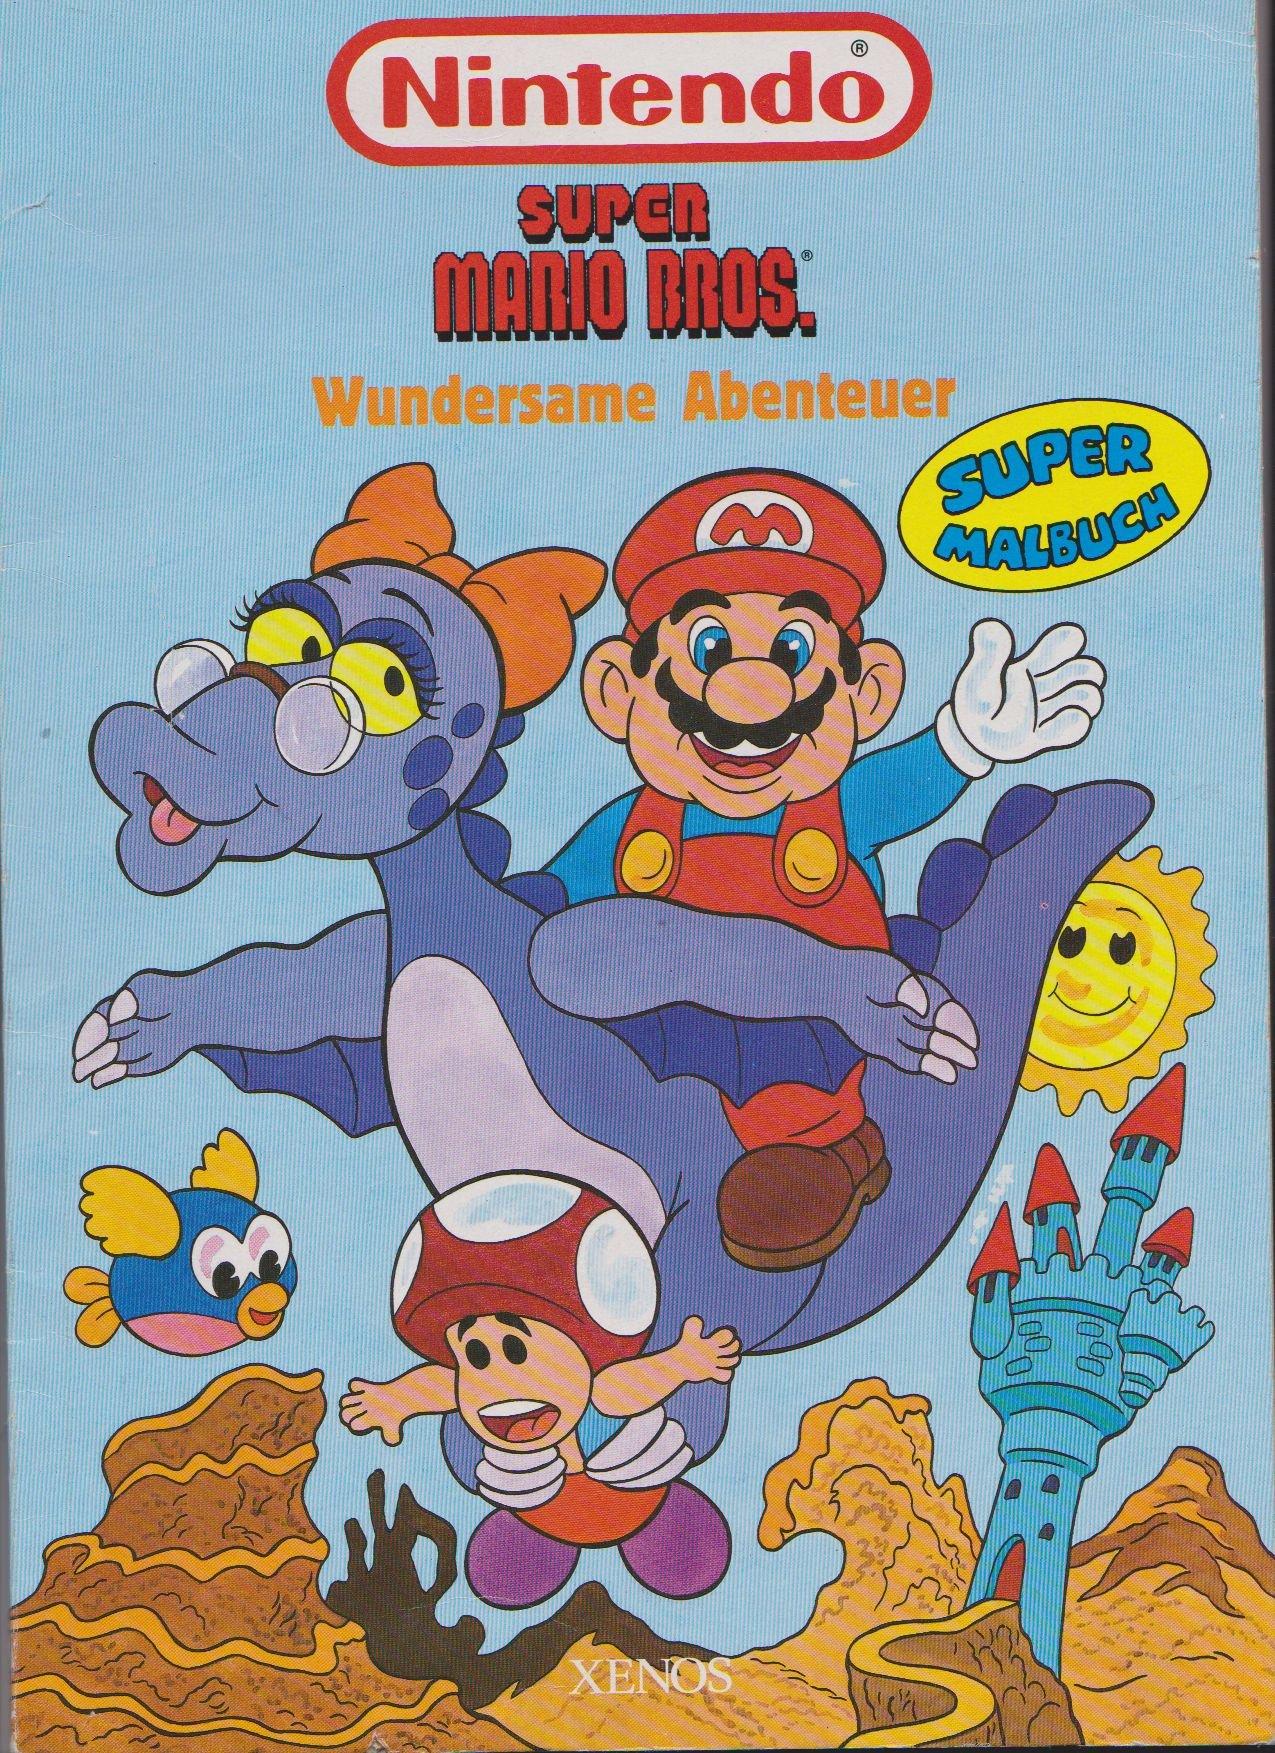 NINTENDO SNES: Super Mario Bros - Wundersame Abenteuer - Super ...